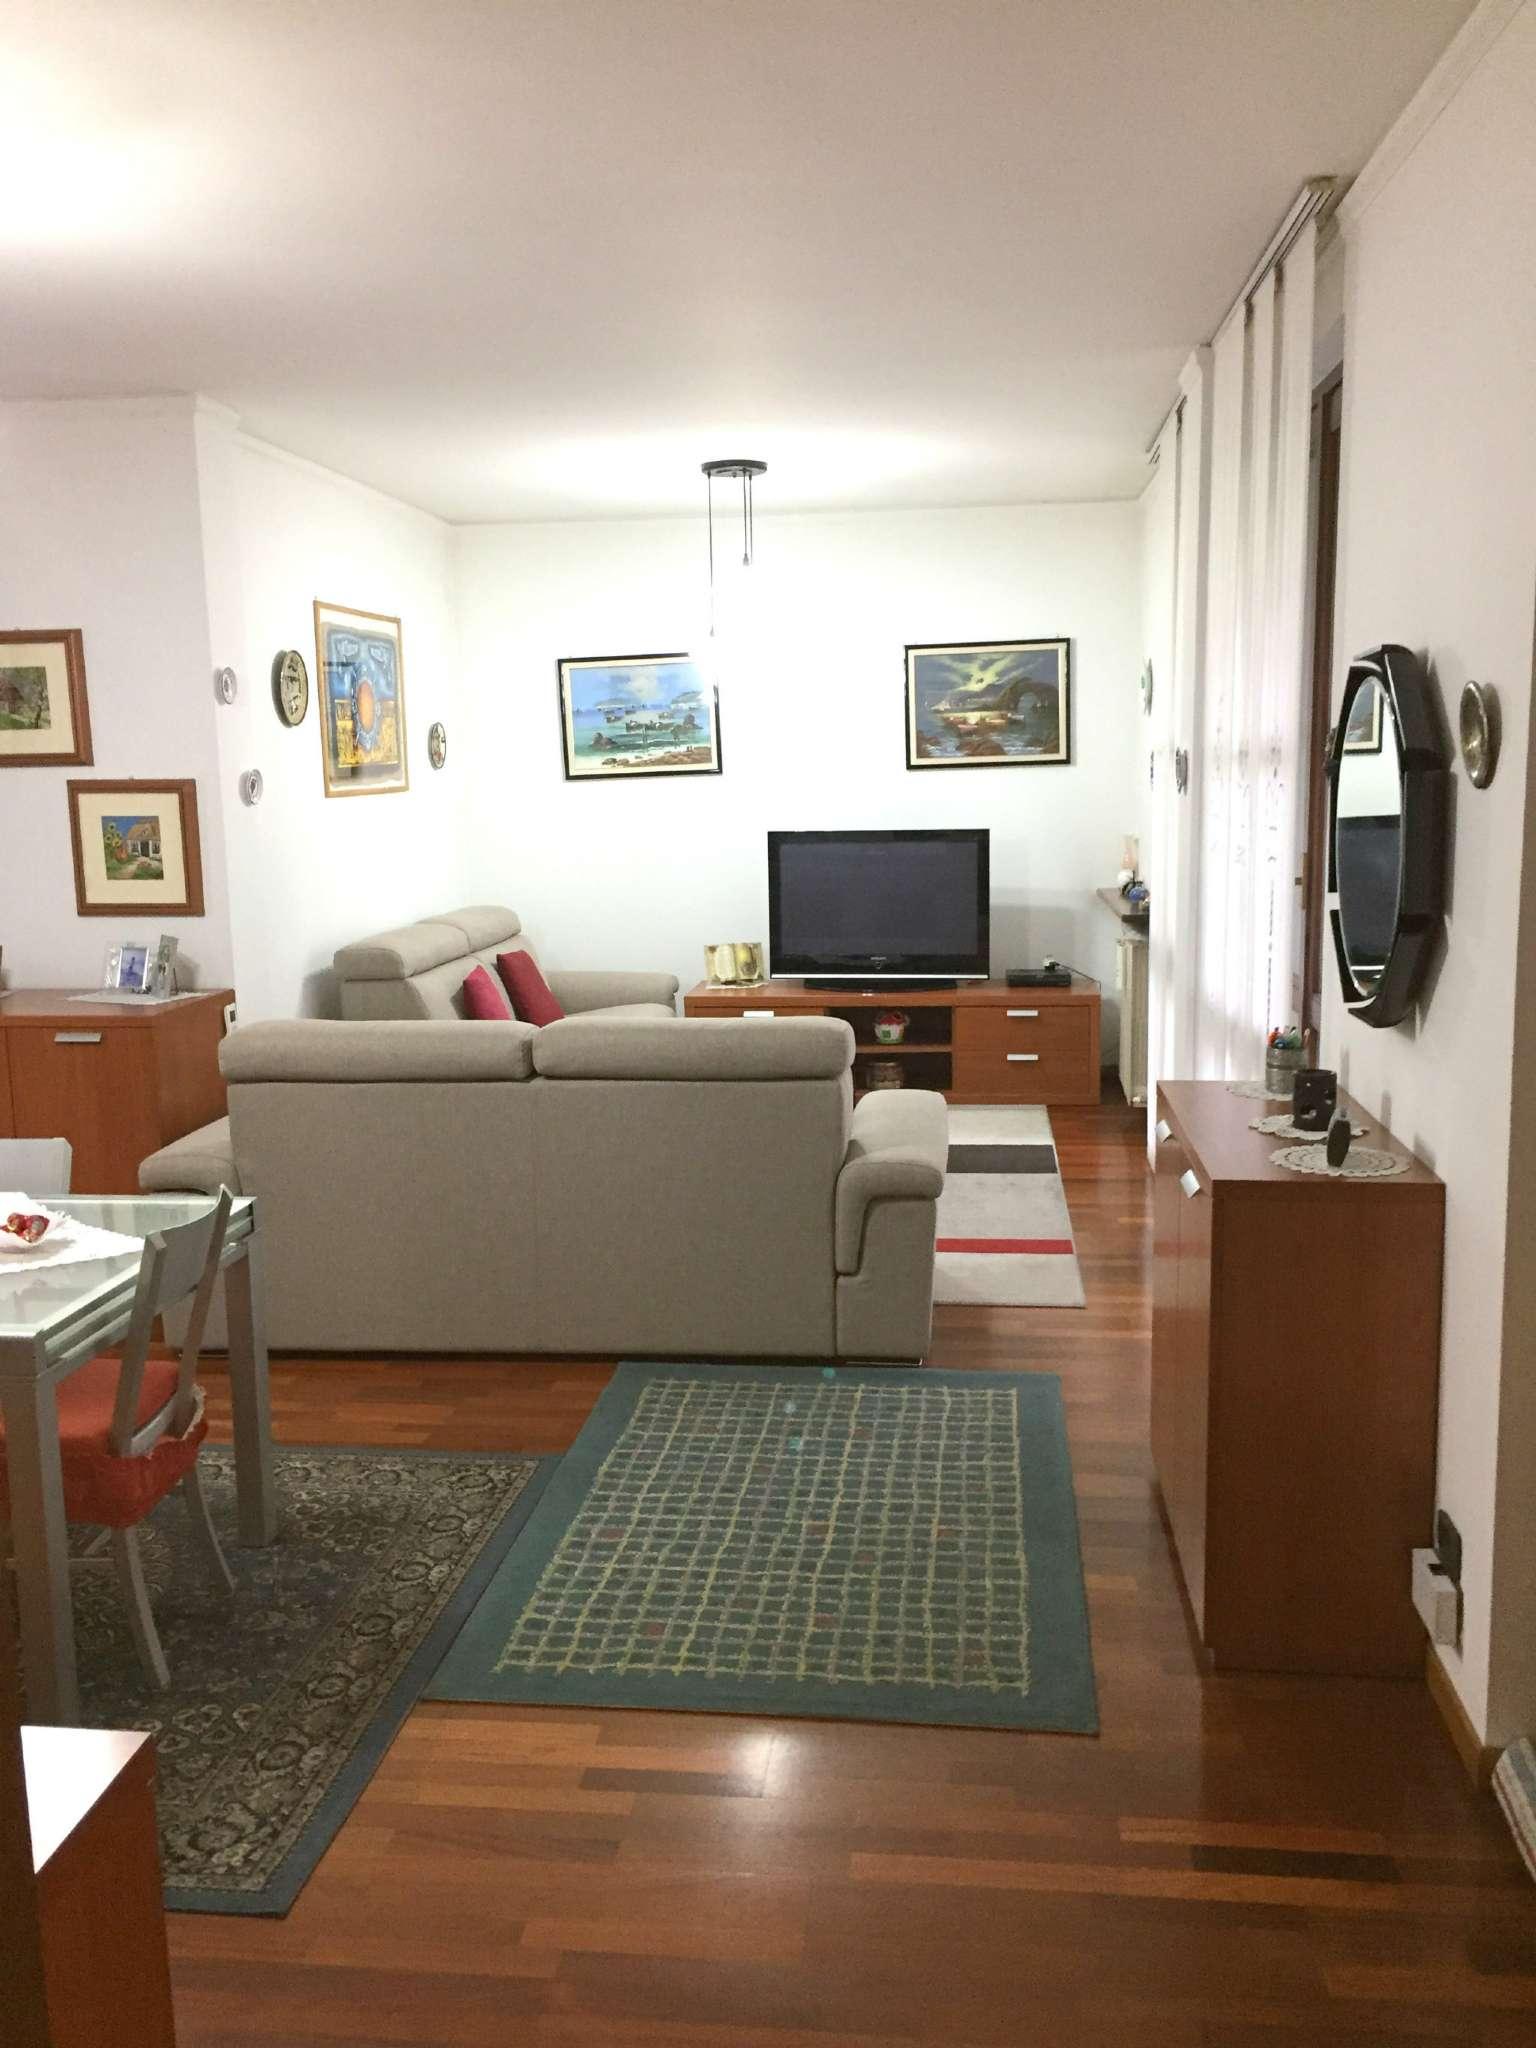 Villa in vendita a Pessano con Bornago, 4 locali, prezzo € 360.000 | CambioCasa.it